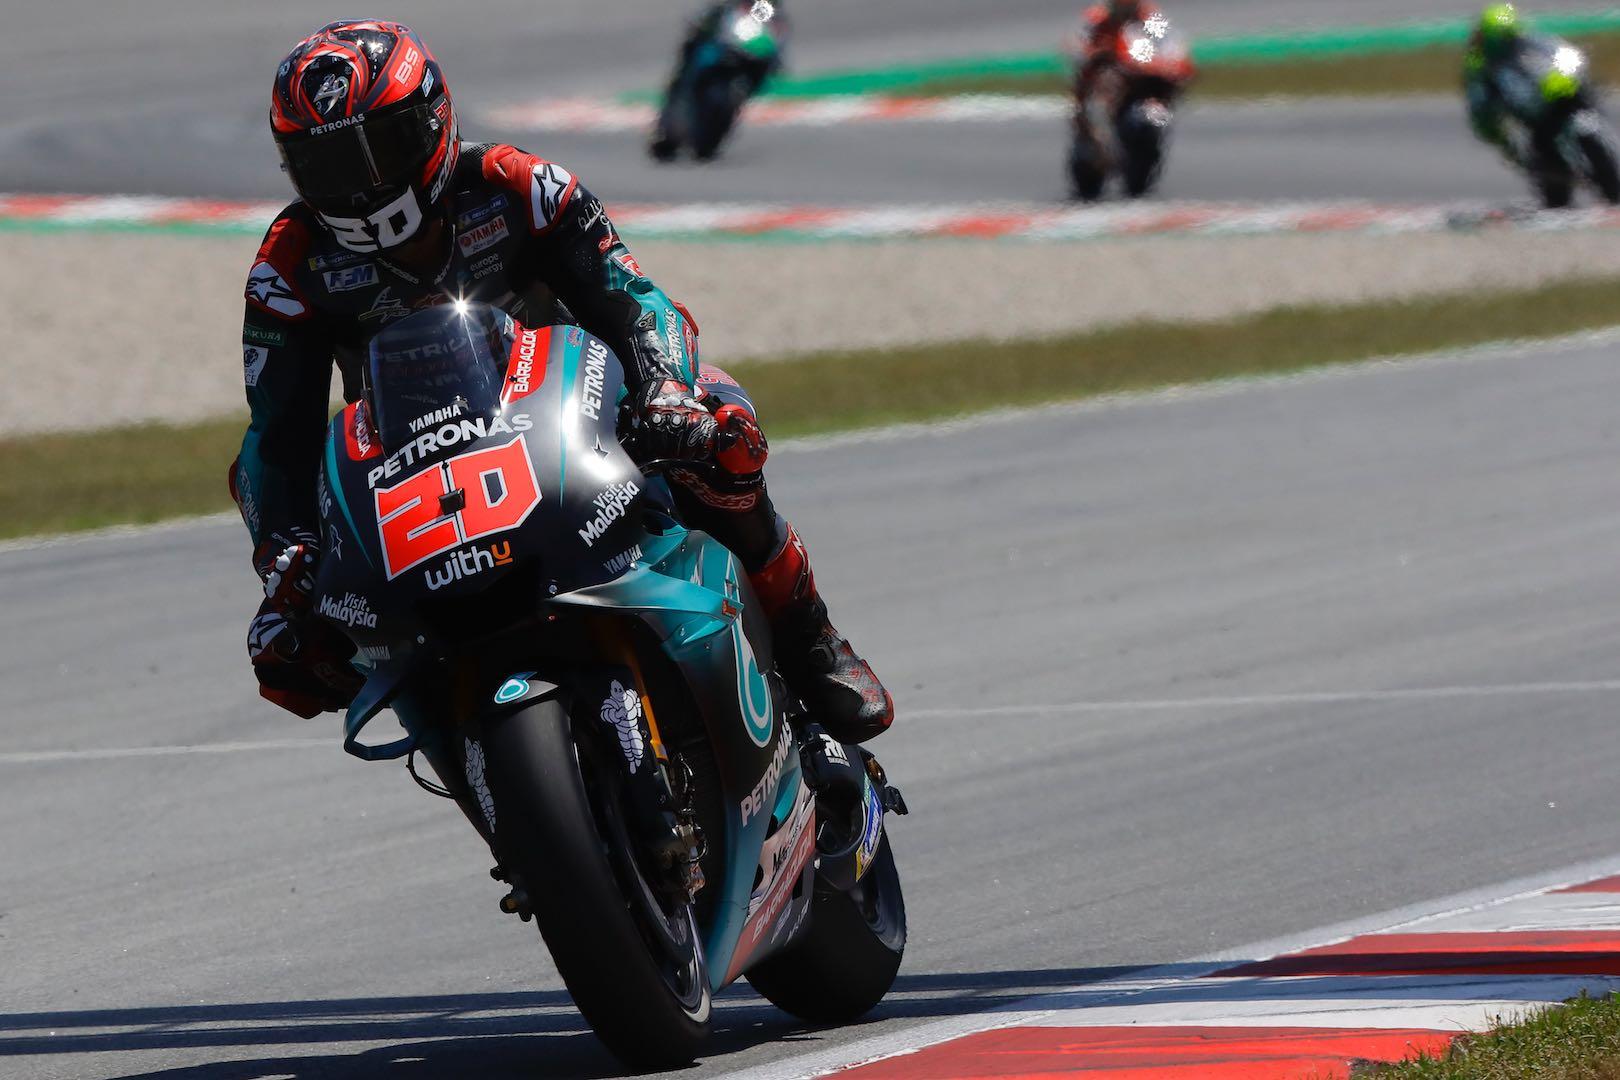 Petronas Yamaha SRT rider Fabio Quartararo at Catalan MotoGP